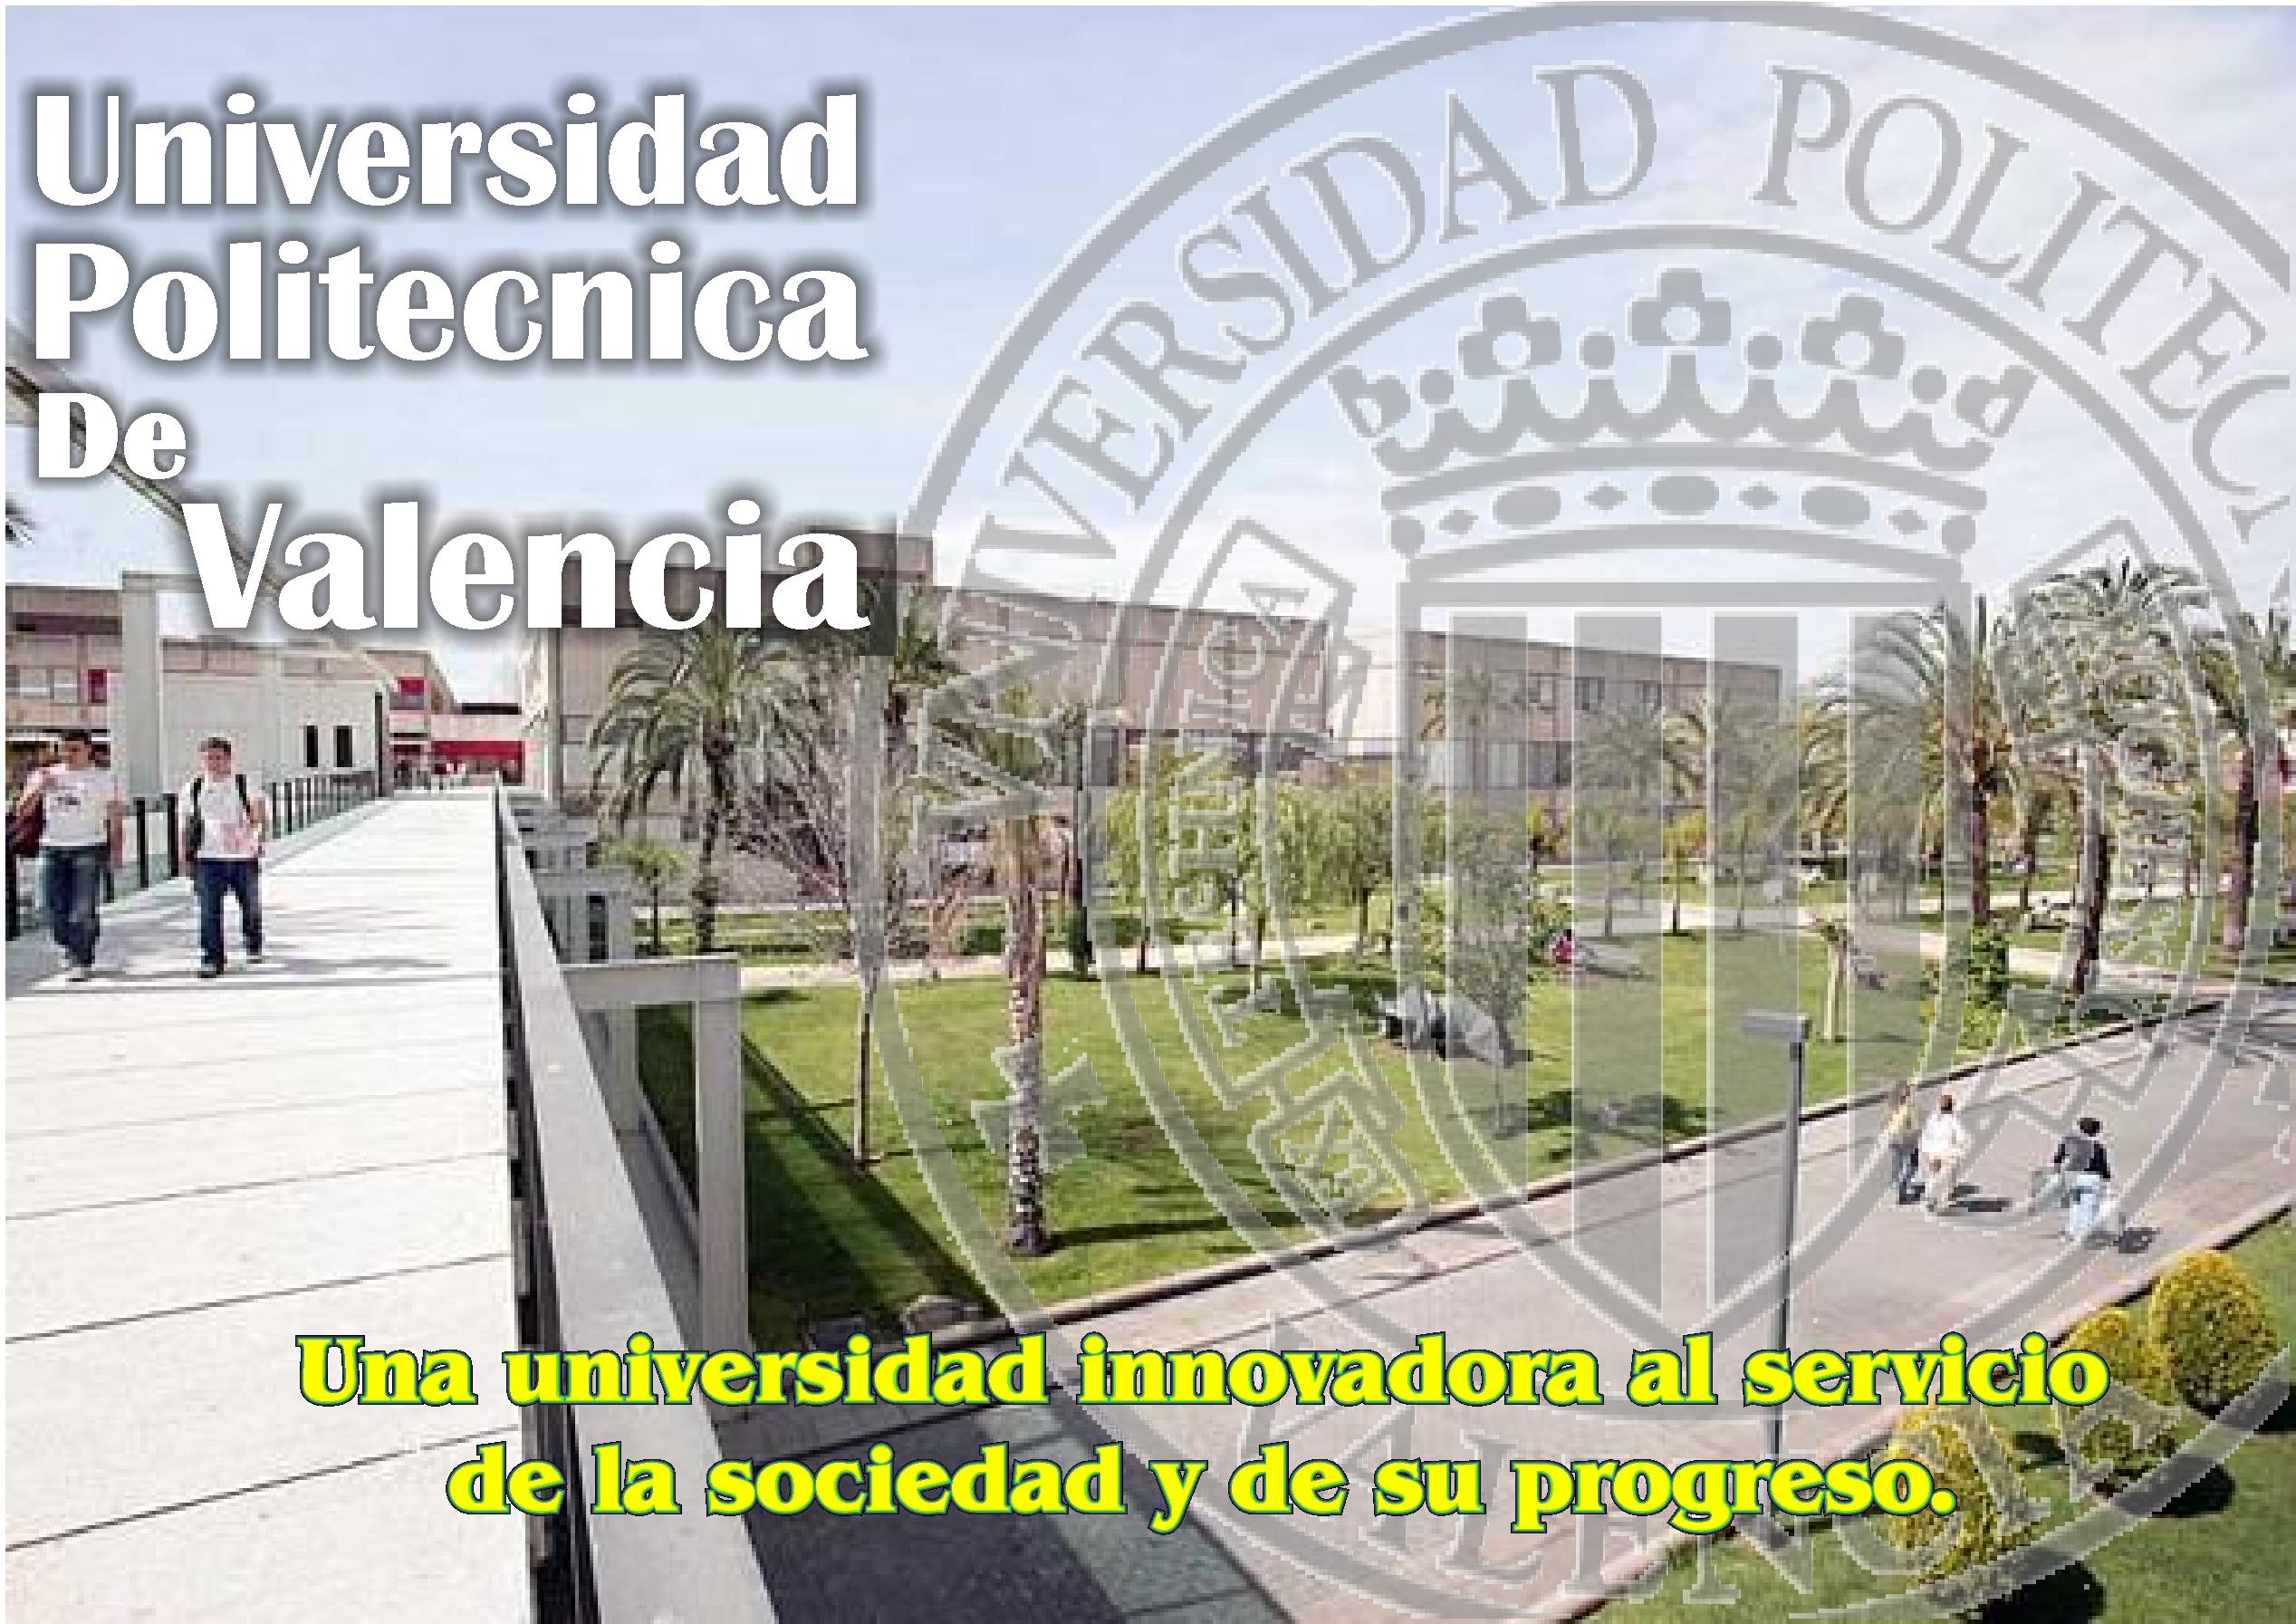 Universidad Politecnica de Valencia, una universidad innovadora al servicio de la sociedad y de su progreso.